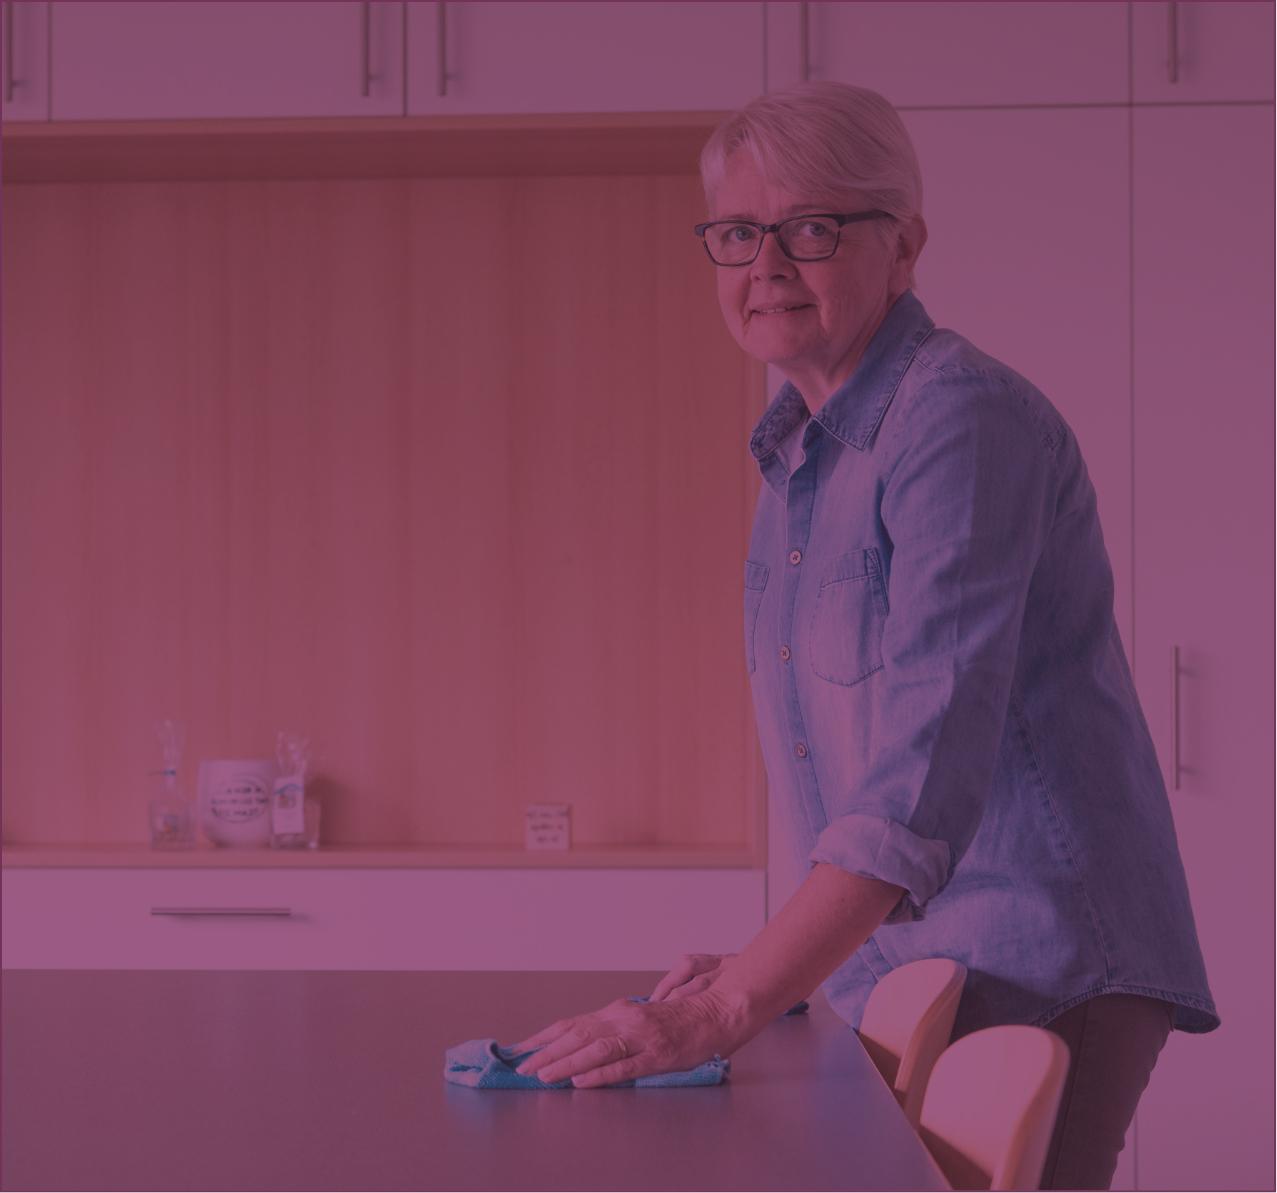 Image Huishoudelijk werk met dienstencheques